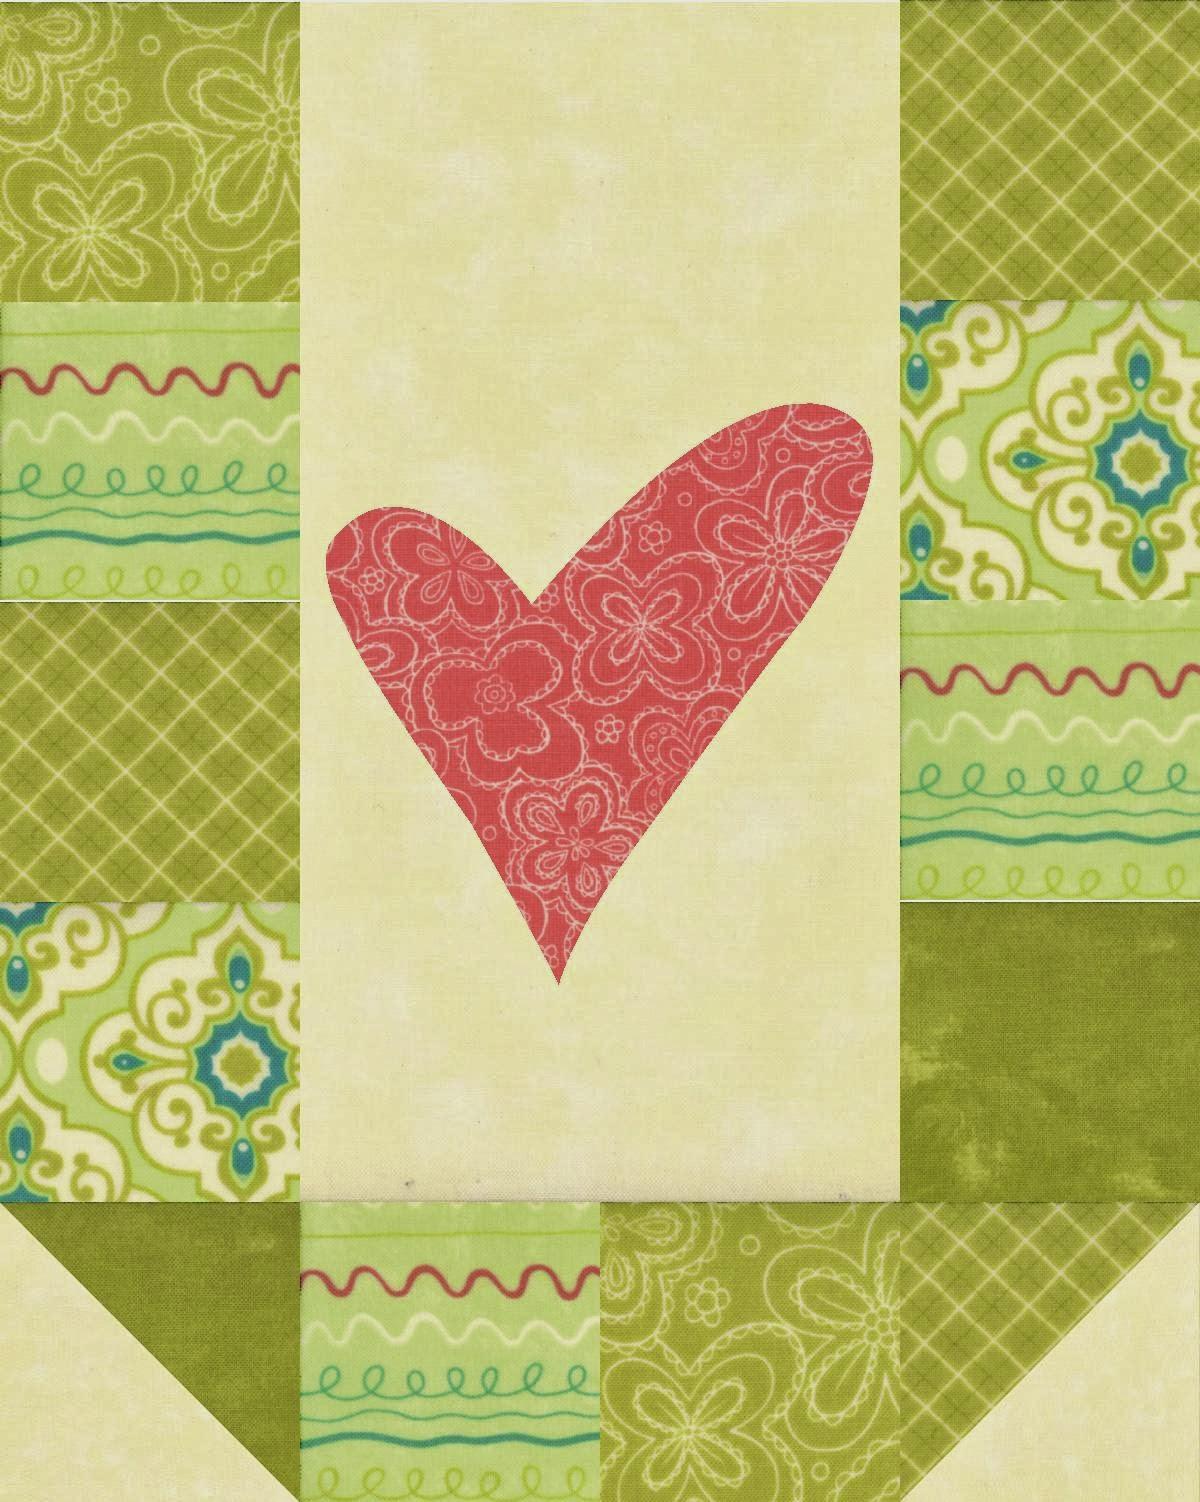 http://3.bp.blogspot.com/-4qOHMaEJS5E/UwwcjL9O_3I/AAAAAAAADg4/nxNLV0uegRQ/s1600/letter+u.jpg